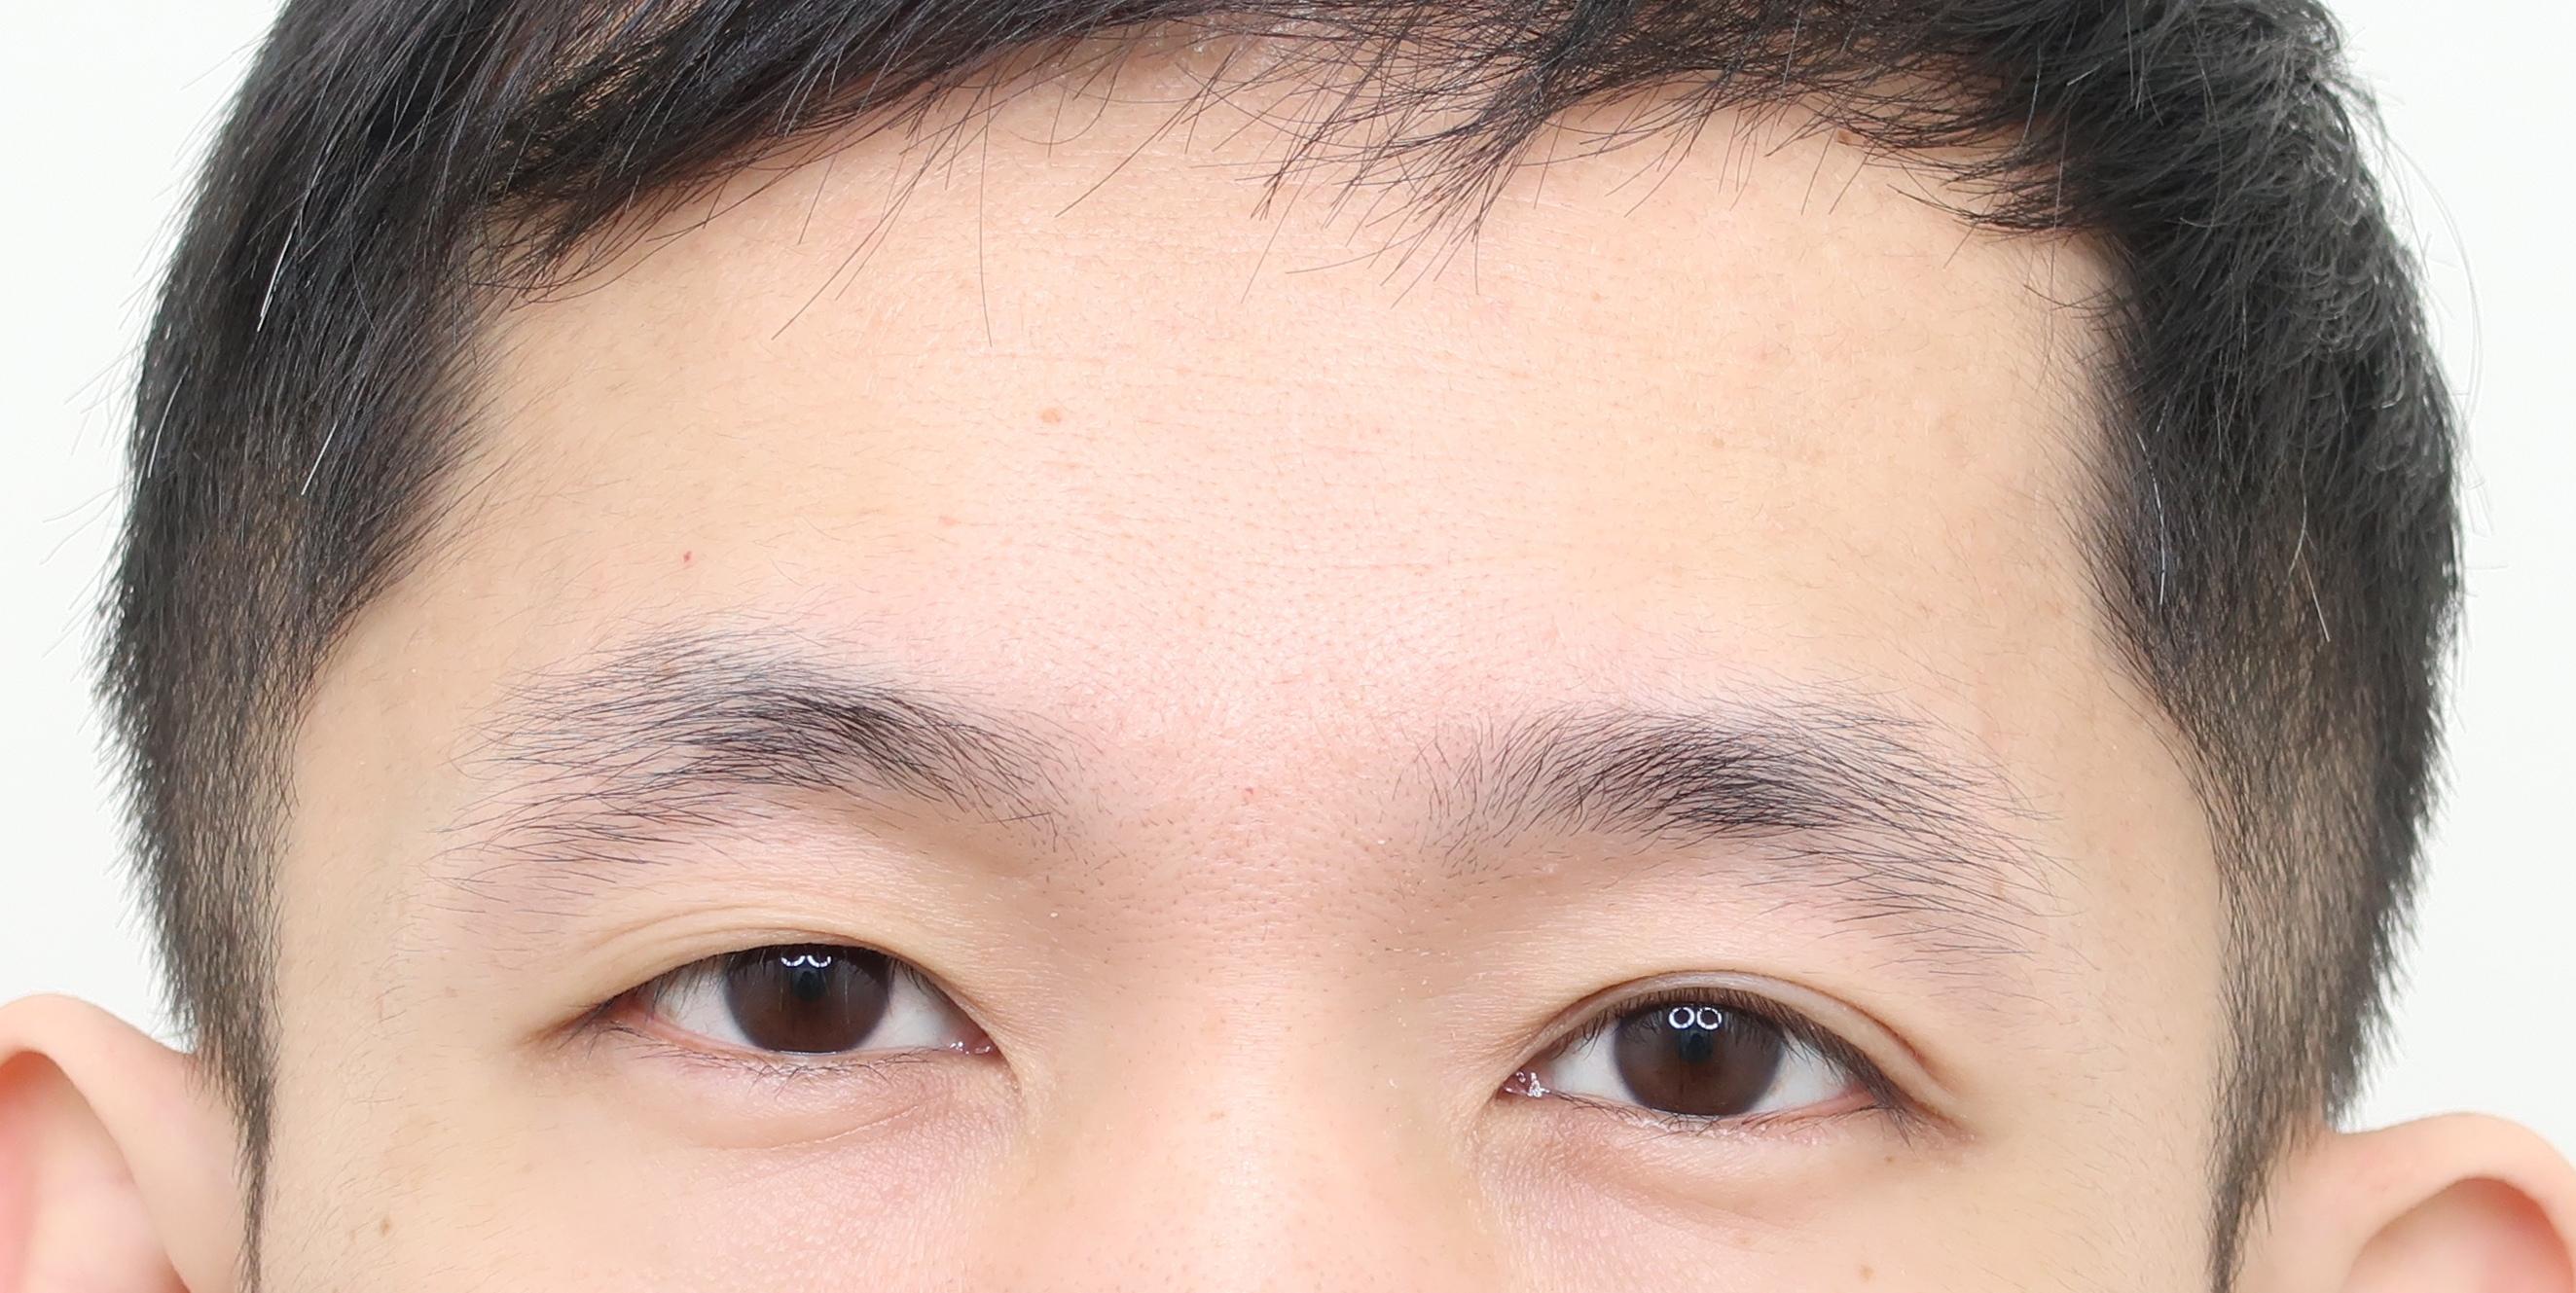 植眉推薦澤林毛髮診所謝宗廷醫師-眉頭稀疏斷眉紋眉繡眉飄眉-術前3-1